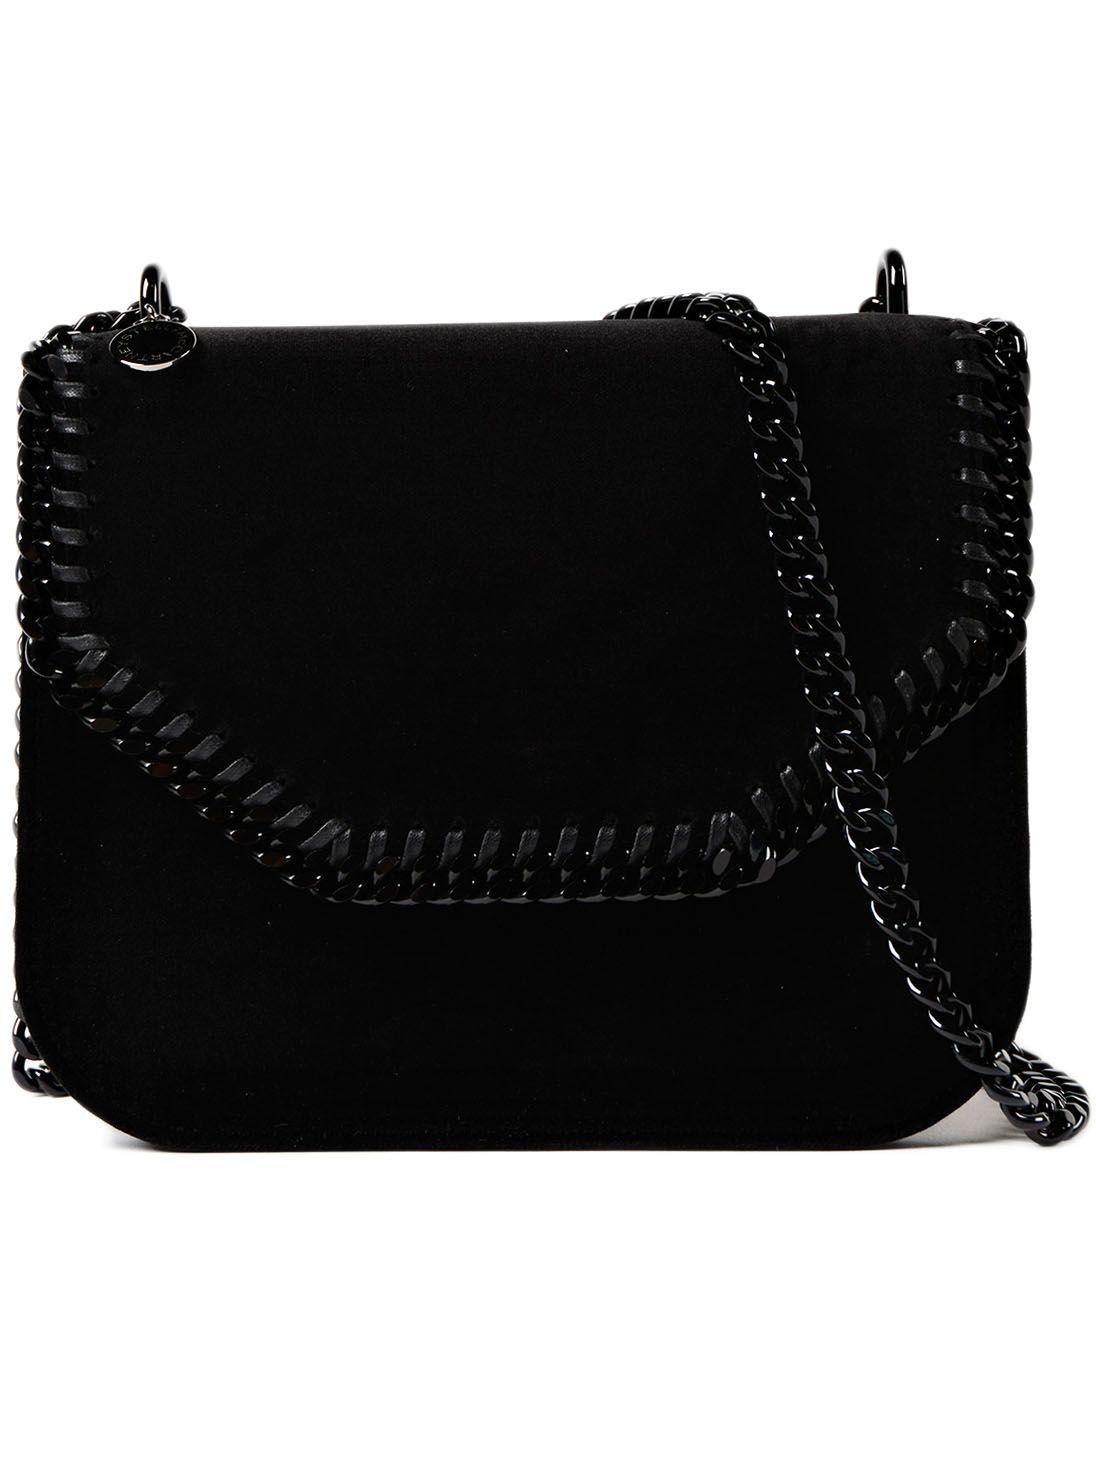 Stella McCartney Shoulder Bag Falabella